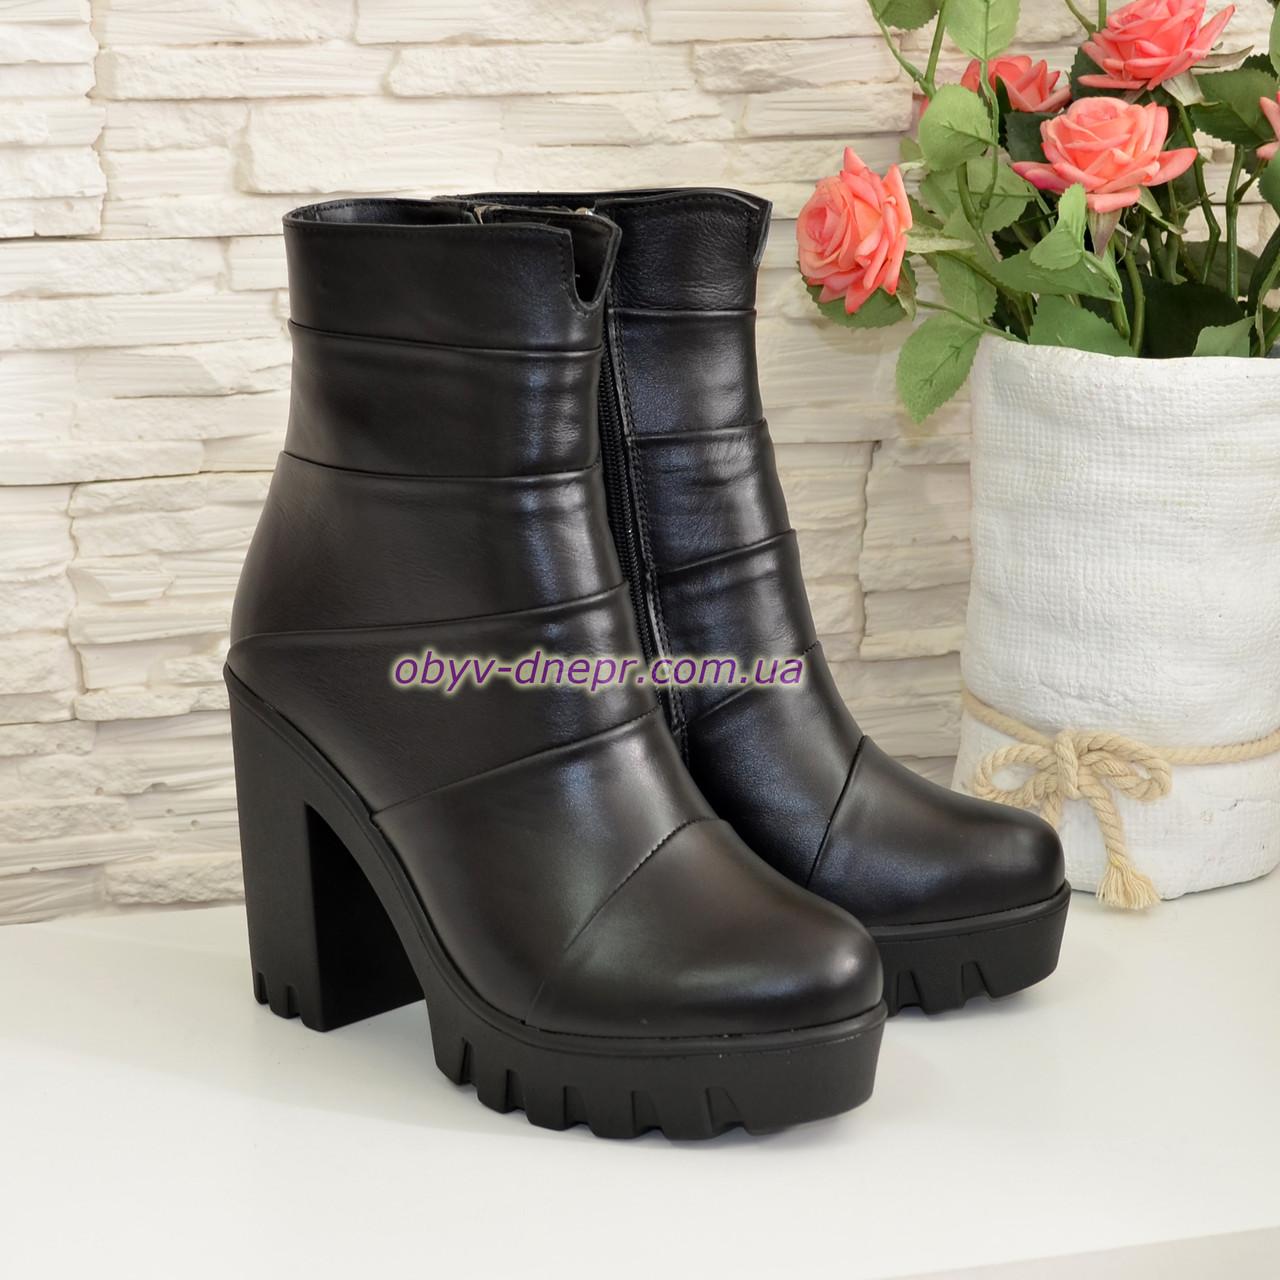 1979901bf Женские зимние ботинки на тракторной подошве, натуральная кожа ...